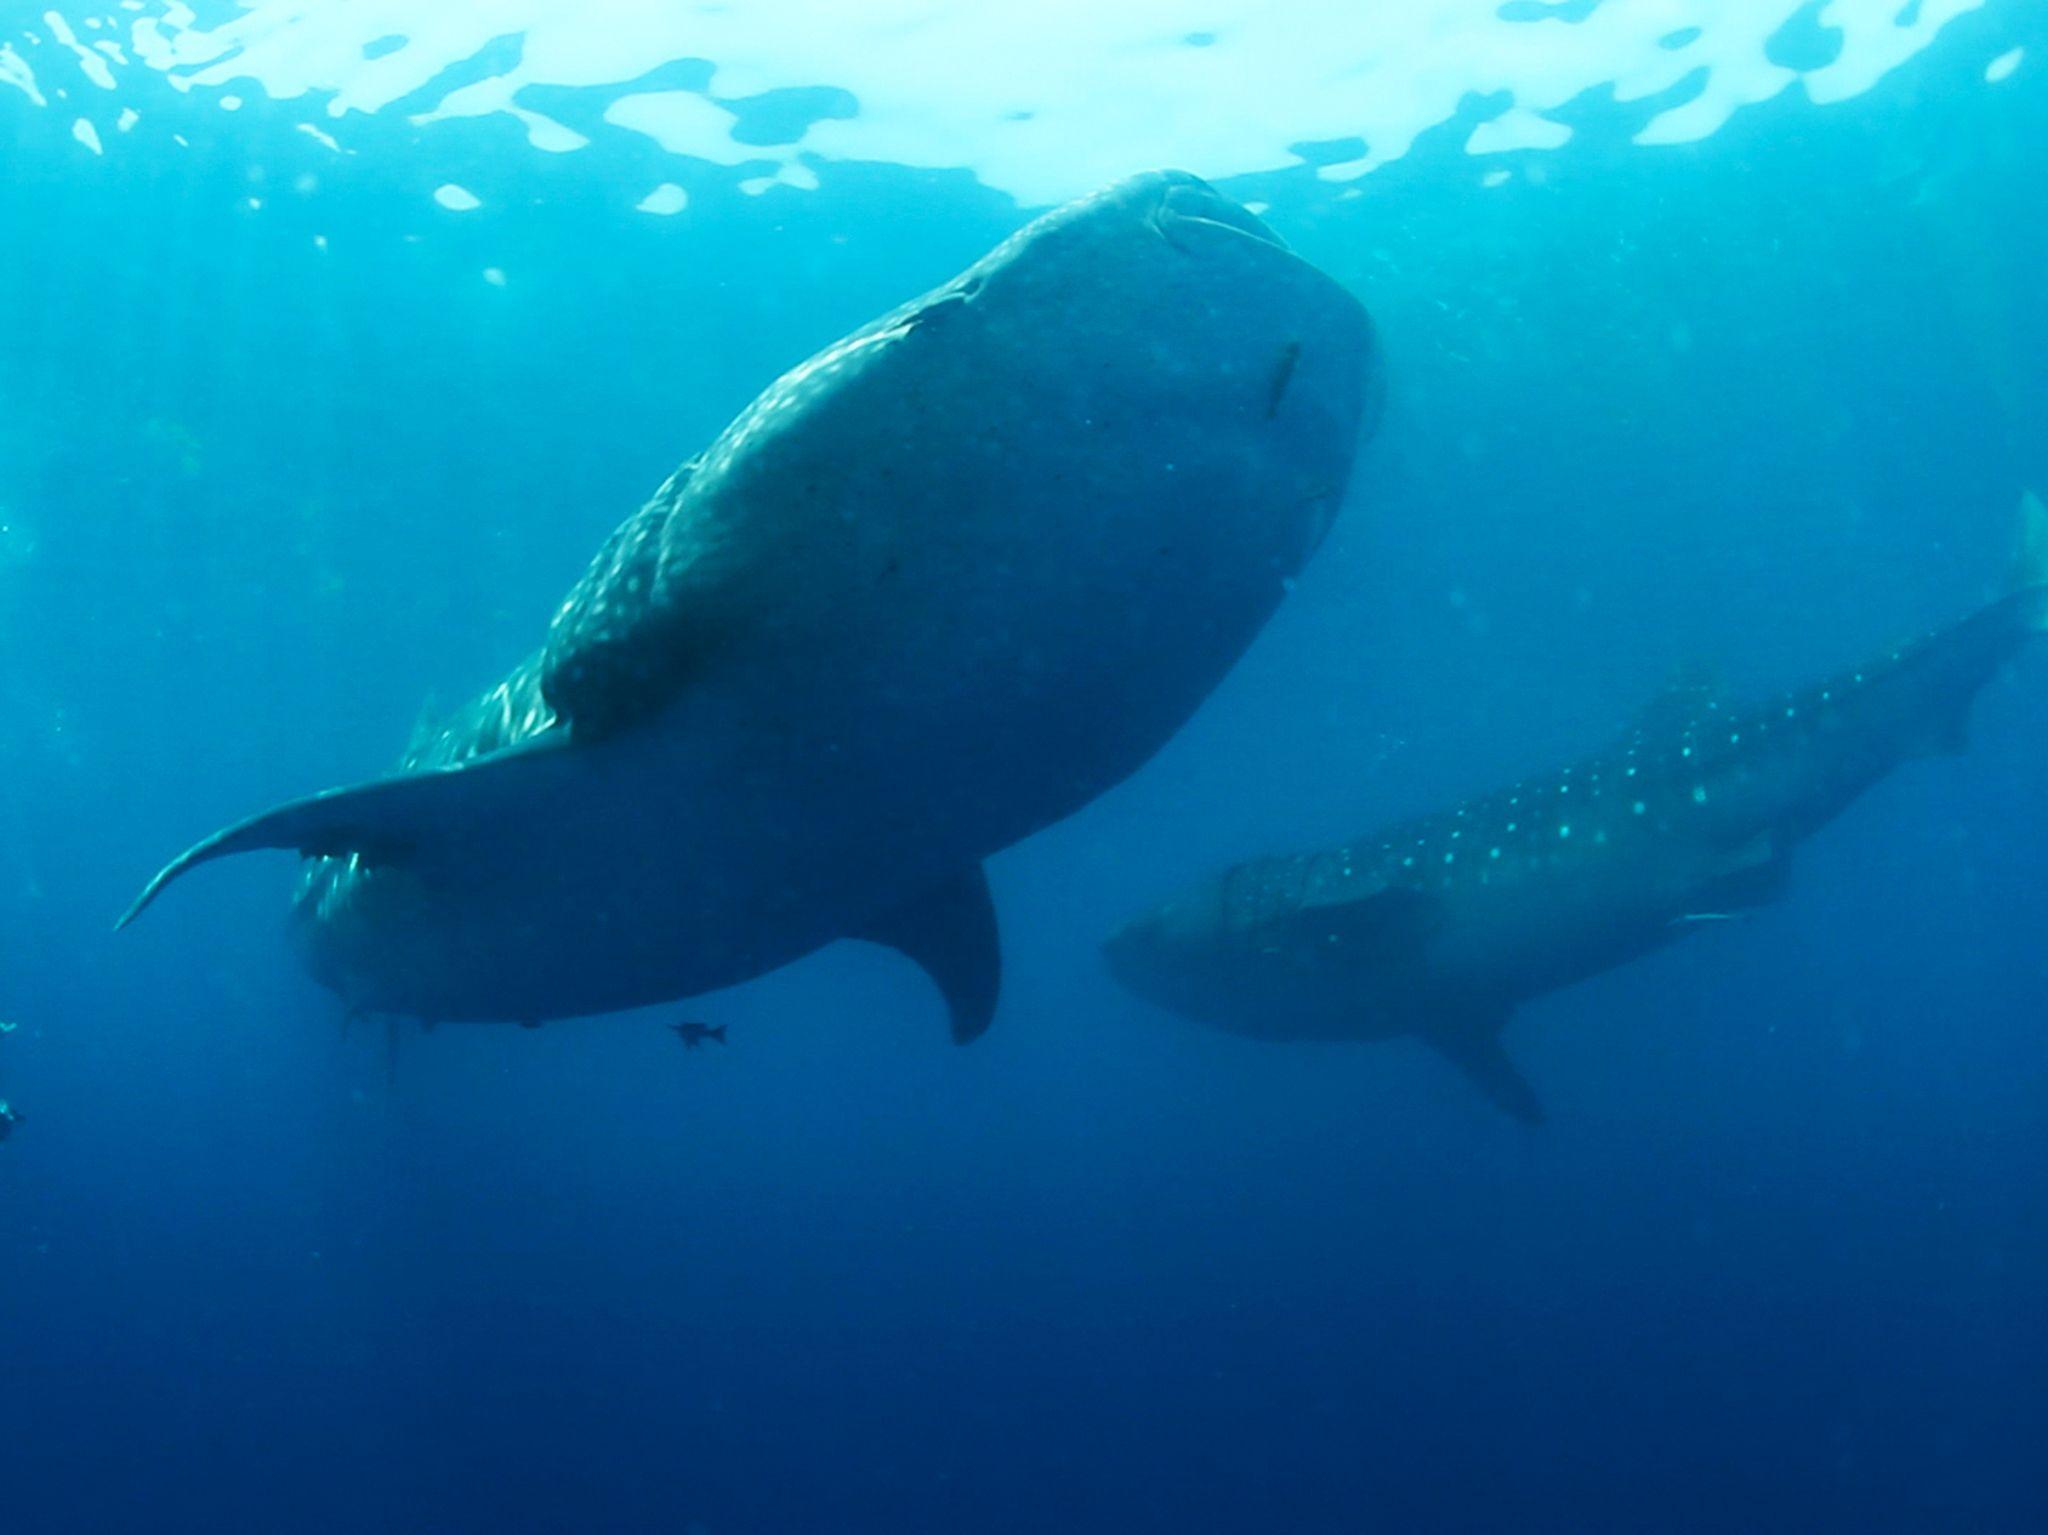 د. إريك هوفماير -باحث في مجال الأسماك البحرية- يغوص... [Photo of the day - يناير 2017]